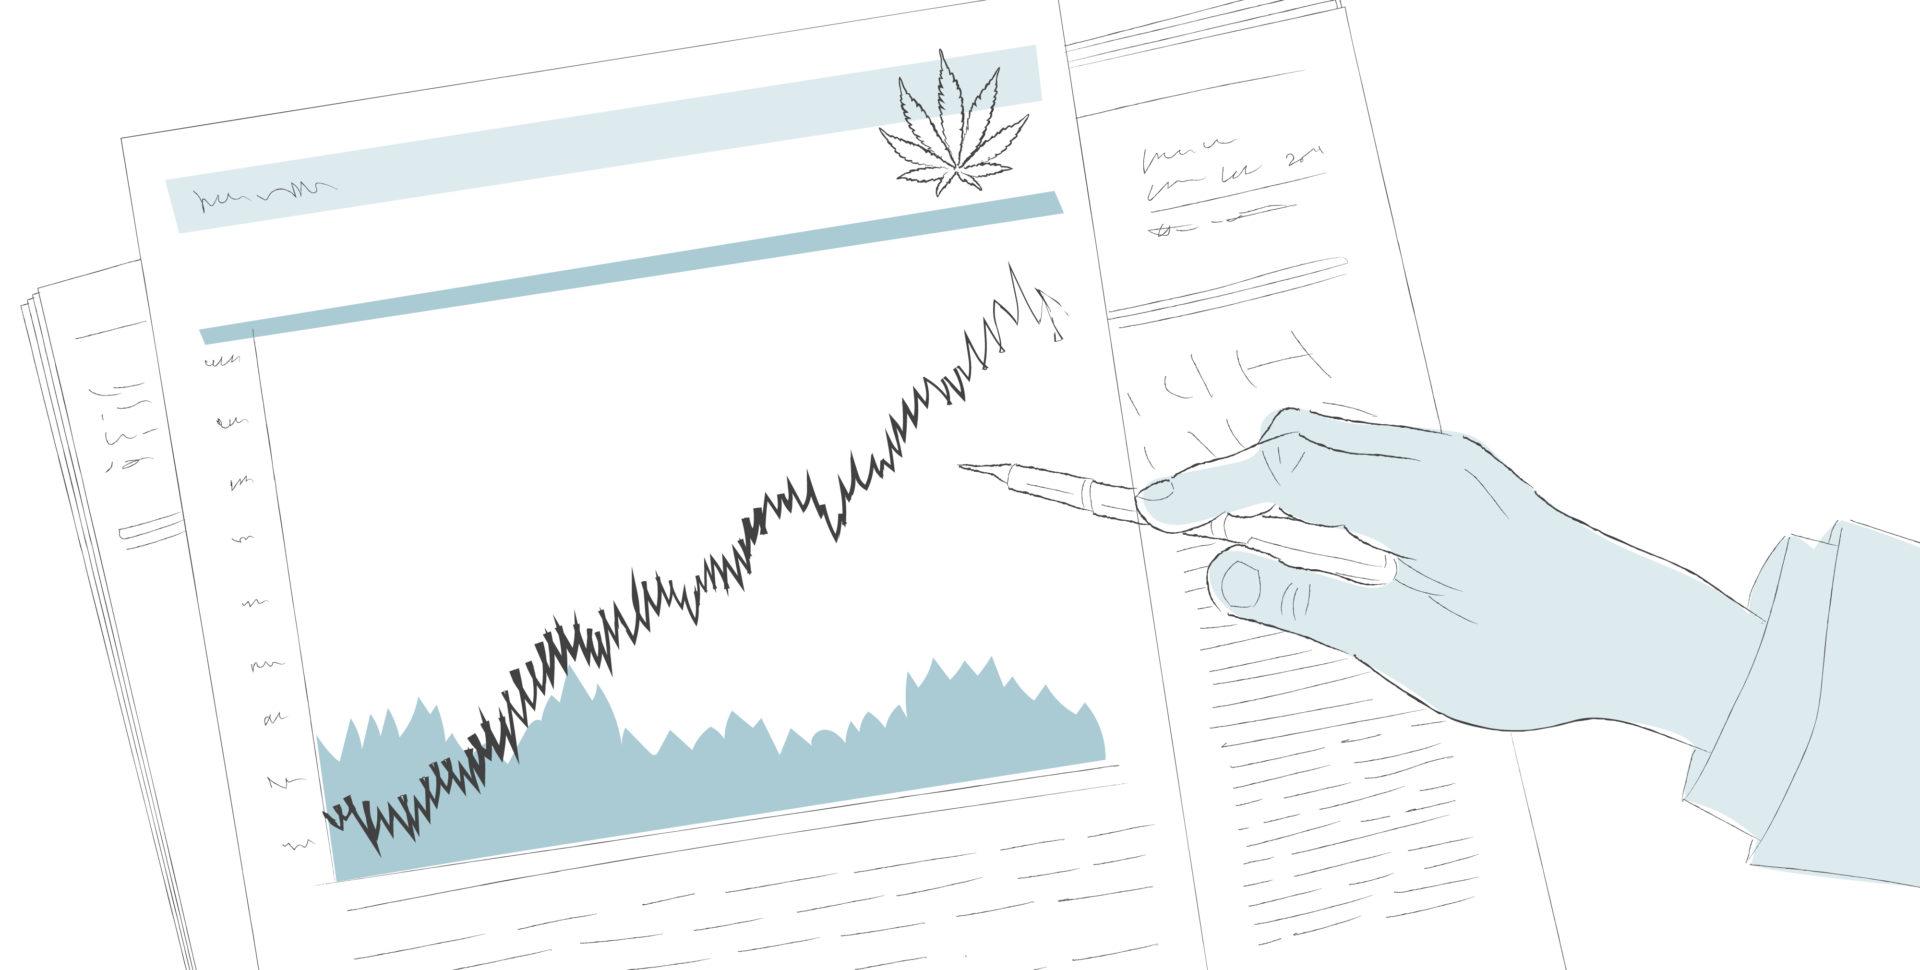 Inversiones Cannabis COVID-19